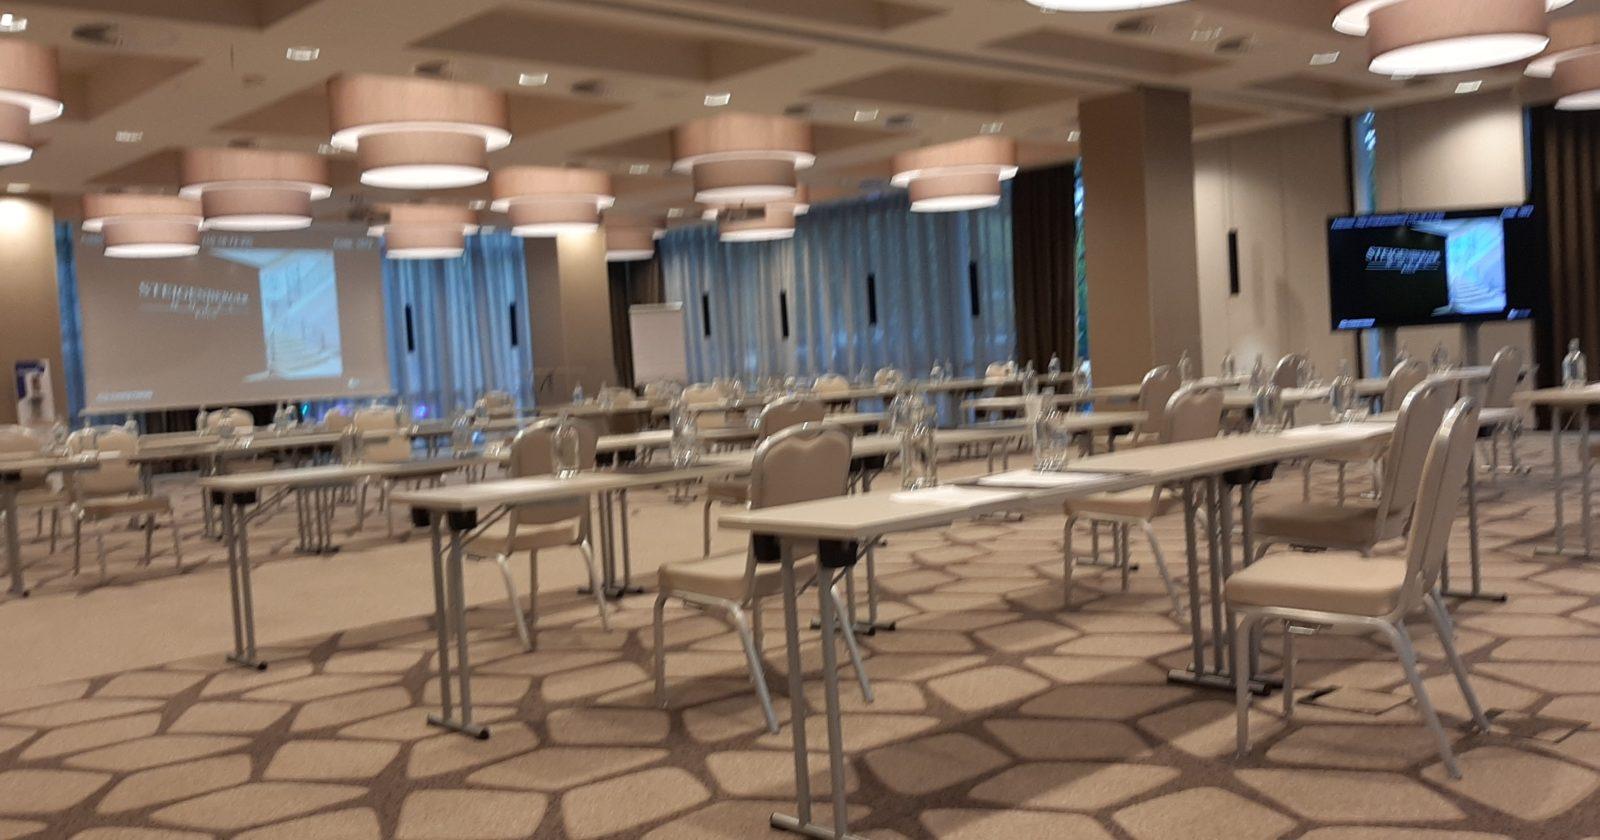 Dritte Verhandlungsrunde beendet - Arbeitgeber legen neues Angebot vor